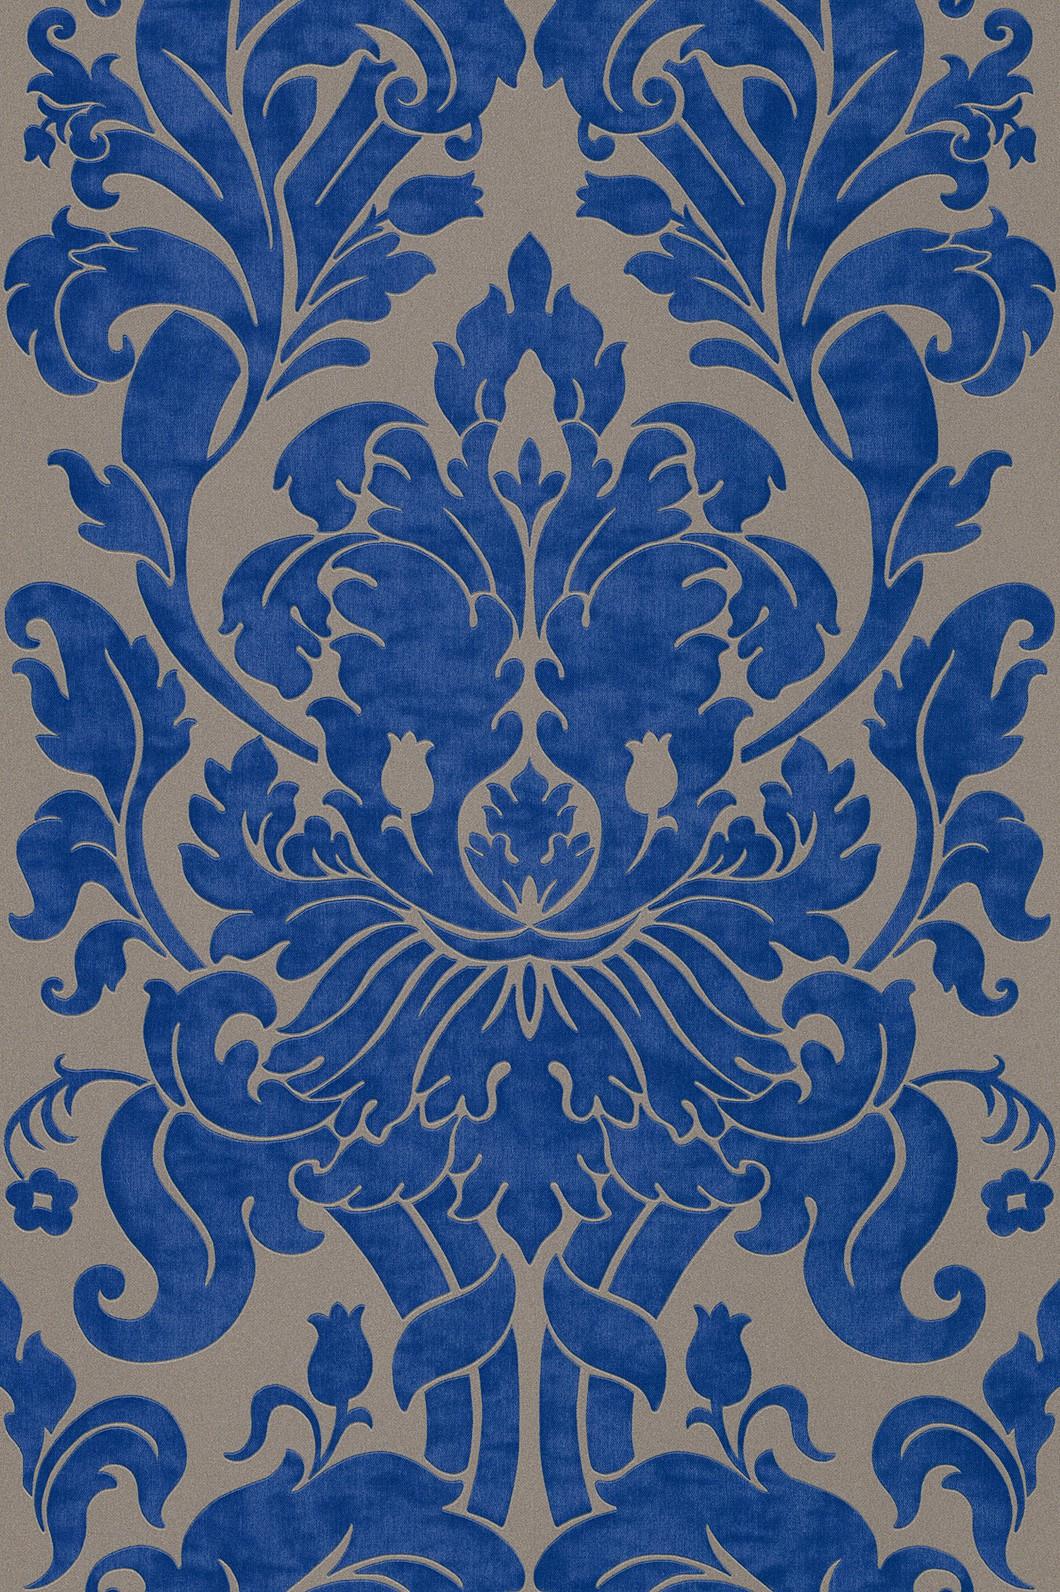 Tapete Blau Muster : vliestapete braun blau barock en suite rasch 546415 ~ Watch28wear.com Haus und Dekorationen